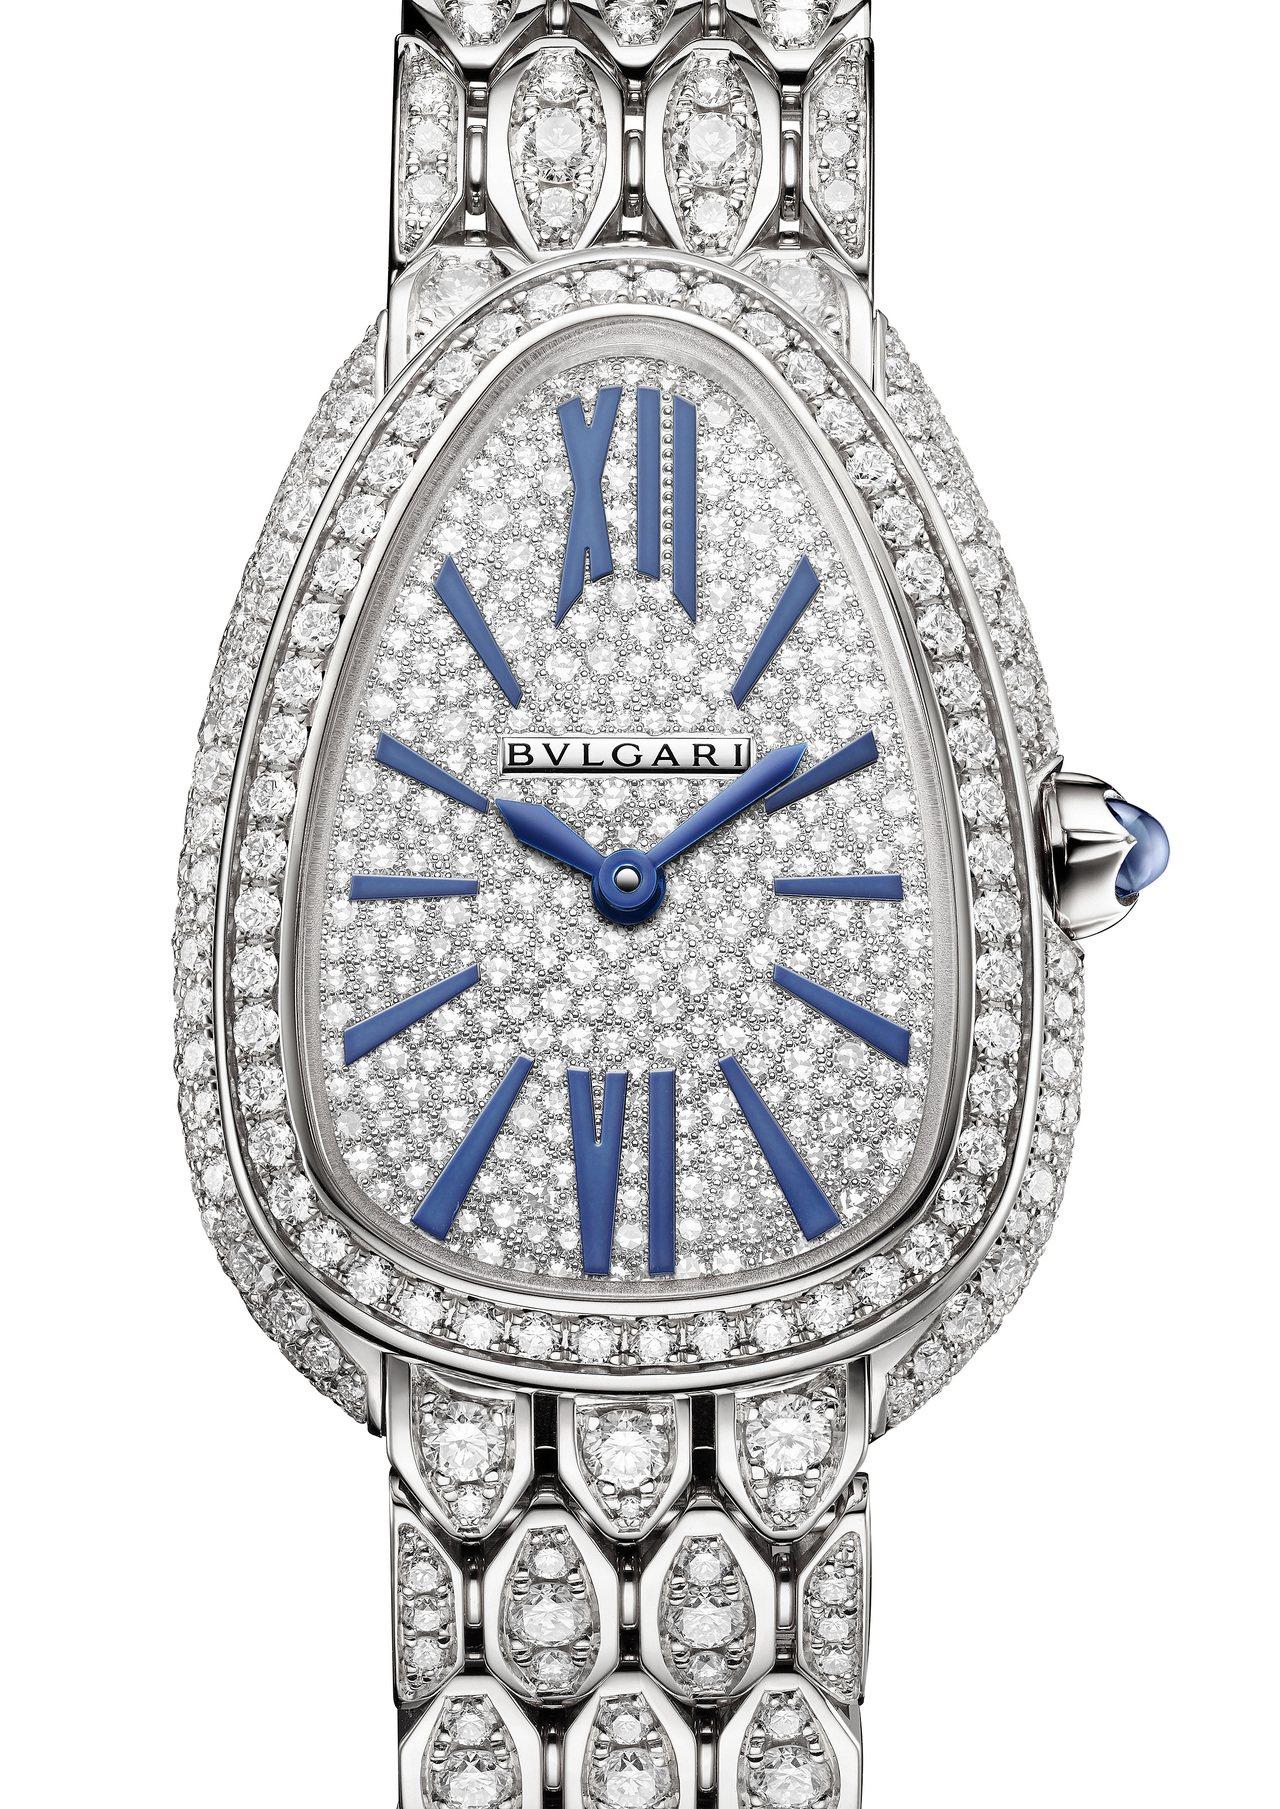 寶格麗Serpenti Seduttori系列白金鑽表,18K白金表殼、表鍊,表...